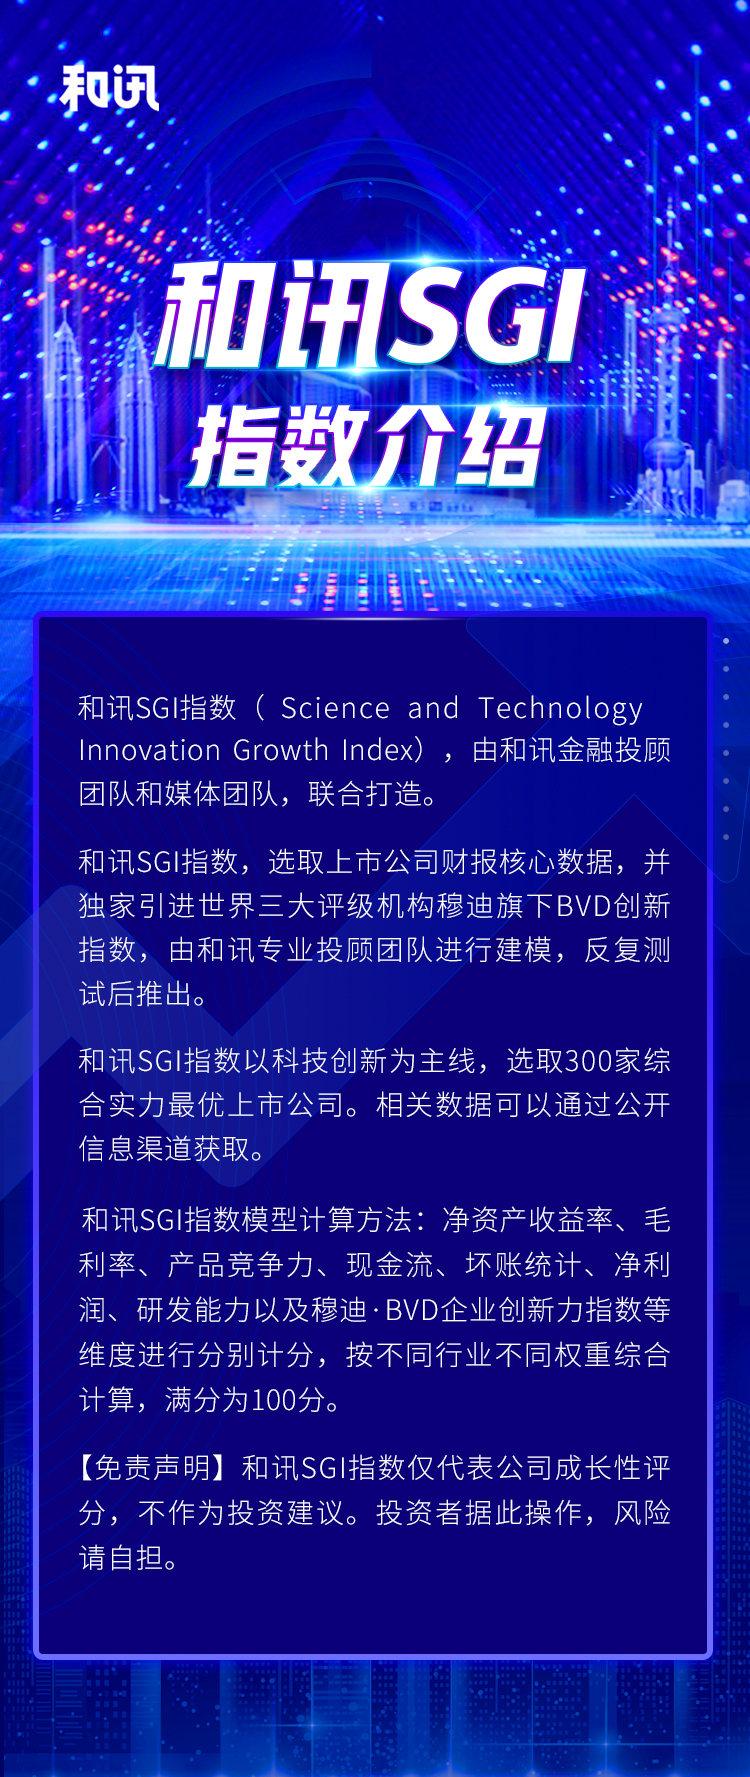 和讯SGI公司|德方纳米今日股价一度涨超17%创历史最高!宁德时代点燃锂电板块